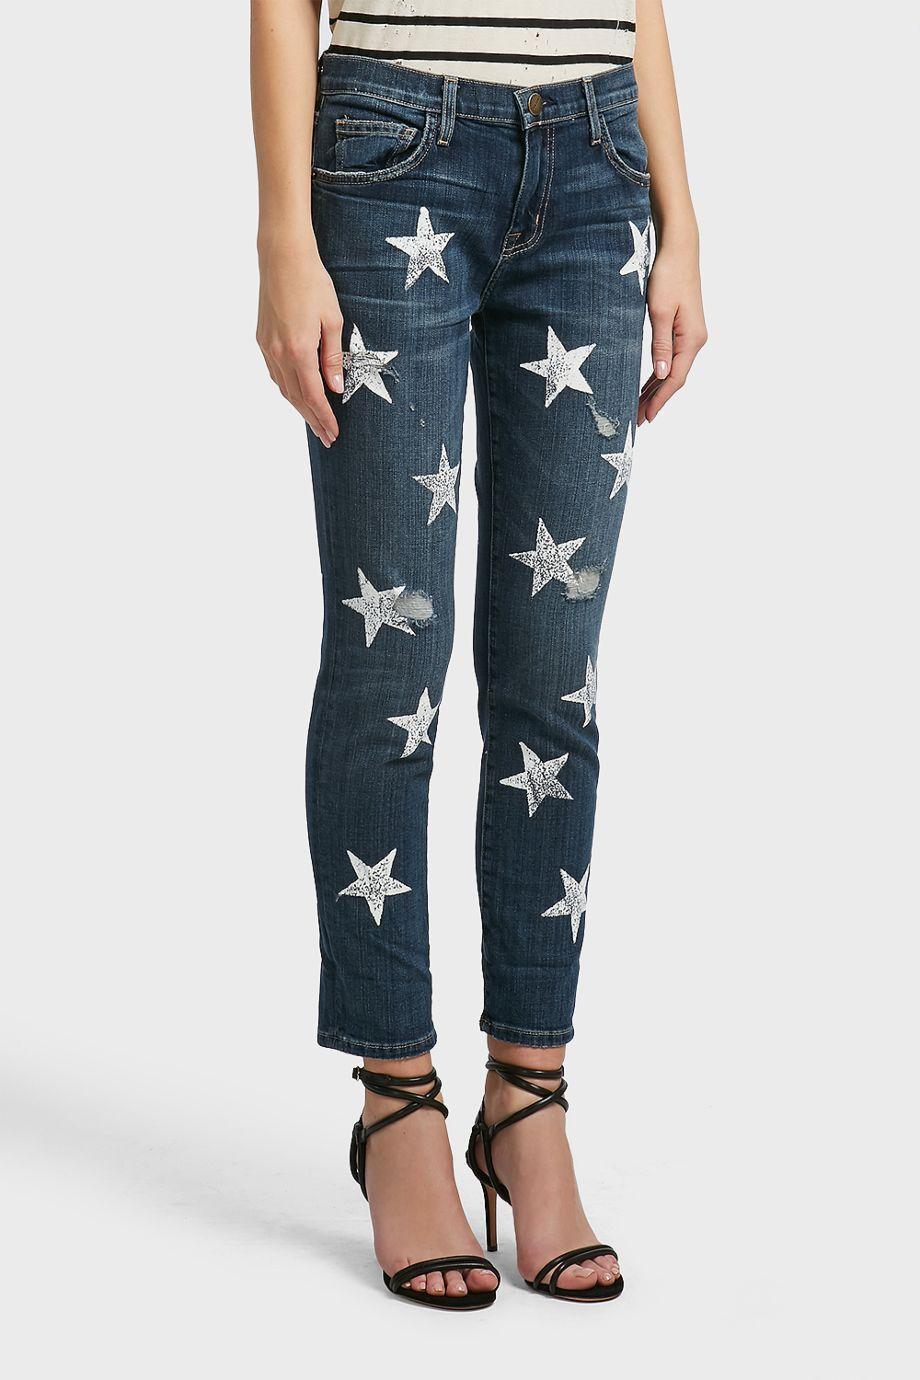 700360b7891 Current Elliott Fling Star Print Jeans In Blue | ModeSens